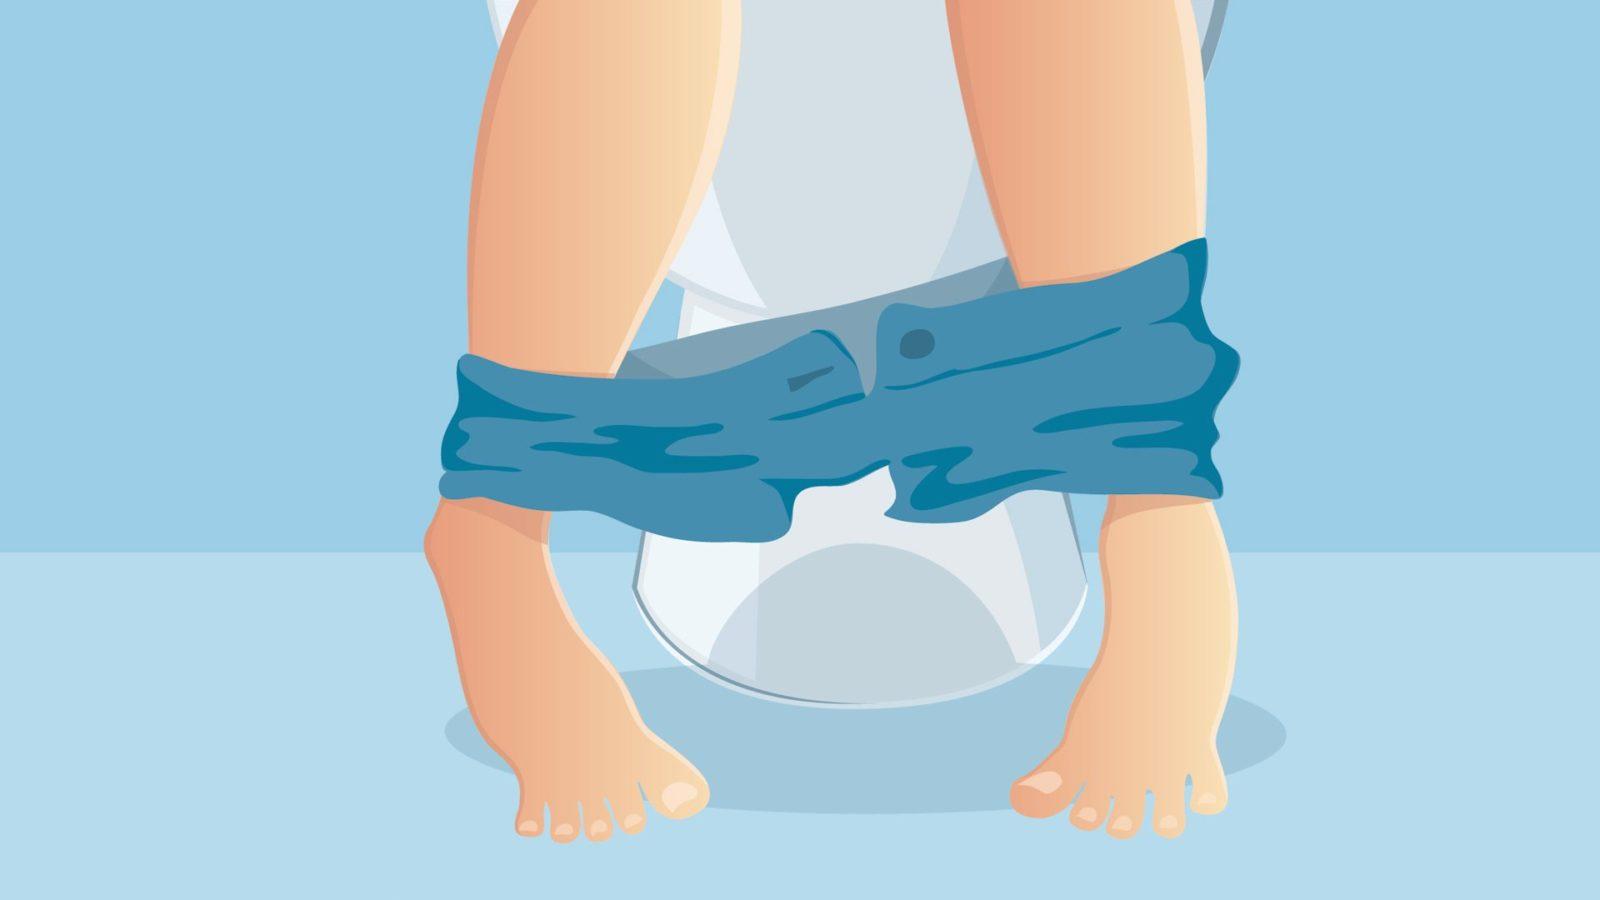 Сколько раз за ночь женщина должна ходить в туалет по маленькому?